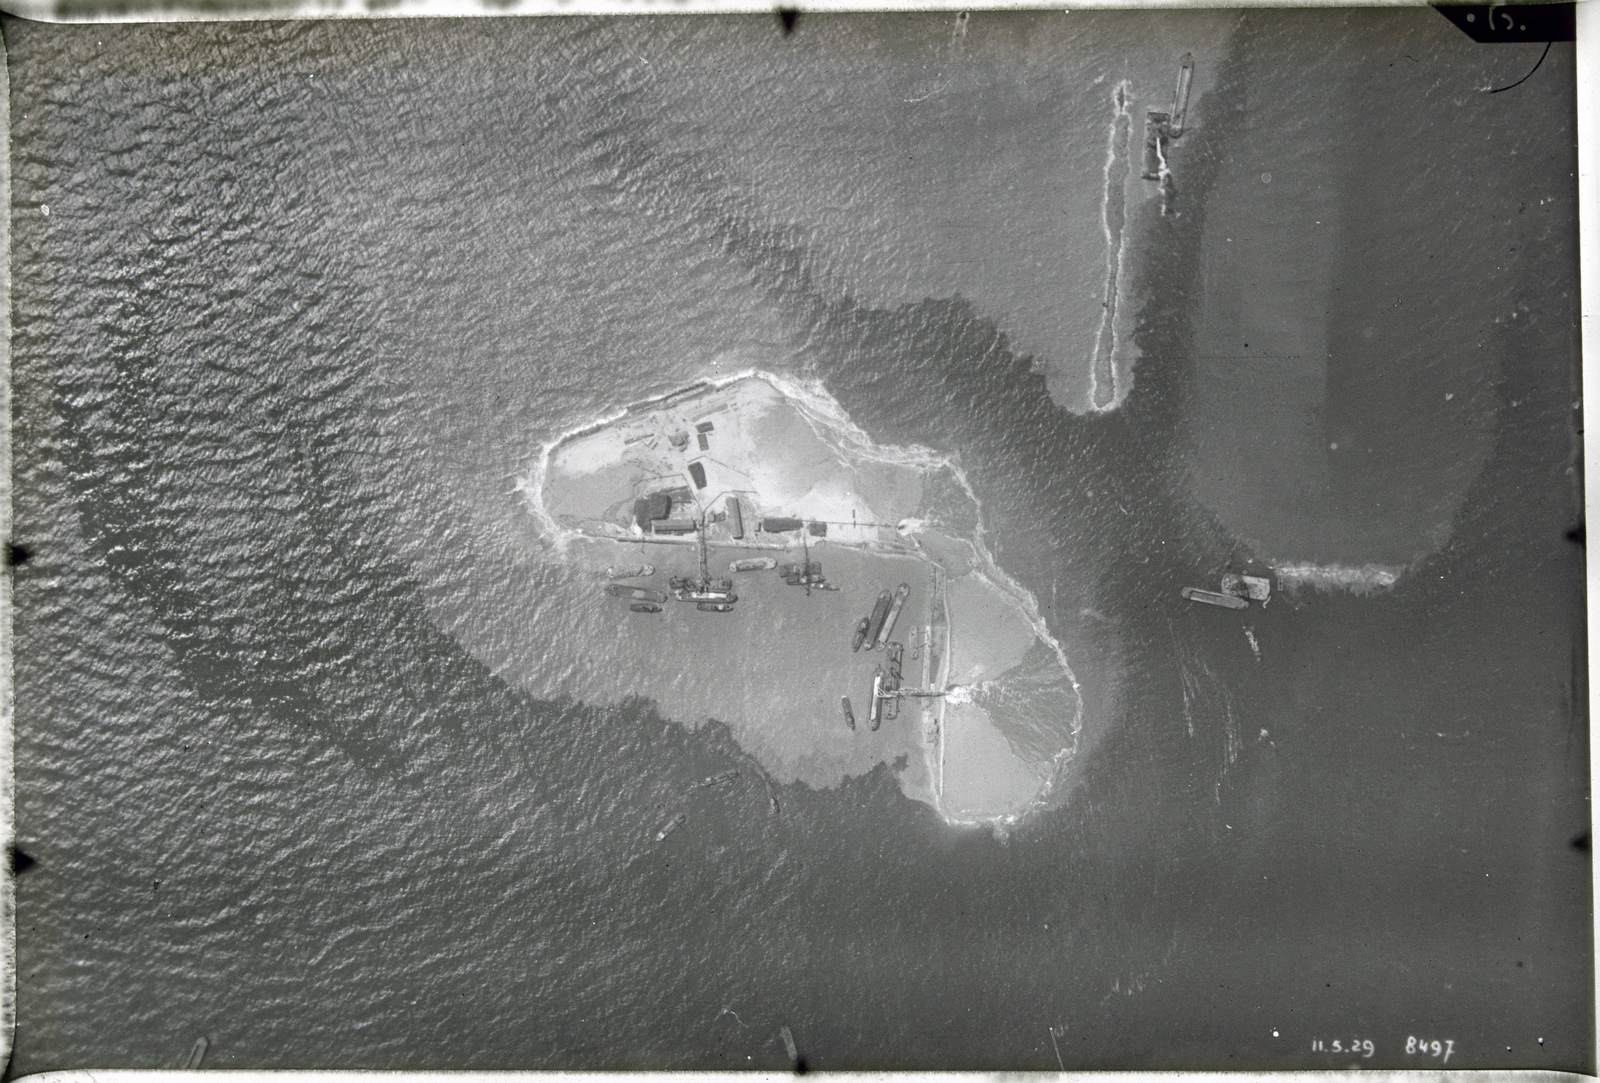 Luchtfoto Zuiderzeewerken. Ontstaan van het eiland Breezand midden in zee tusschen Wieringen en Zurig 11-5' 29